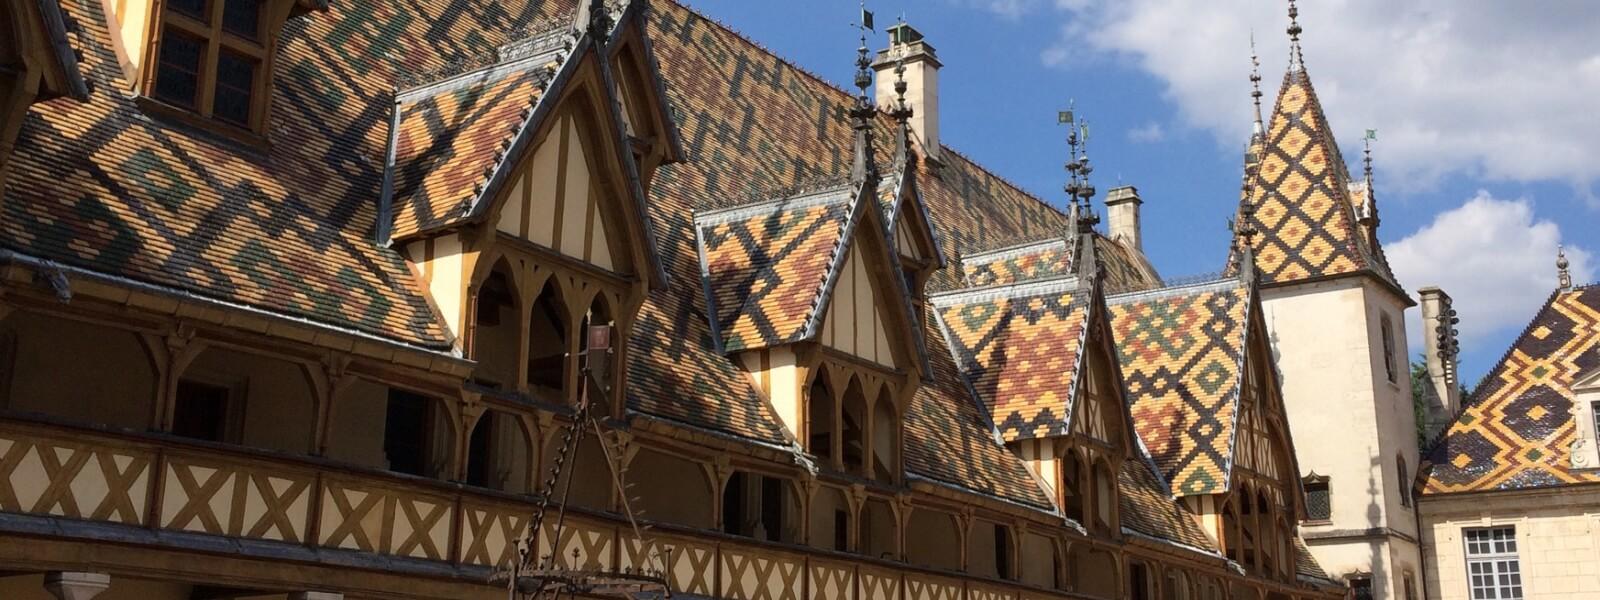 Kanpai Tourisme - Burgundy